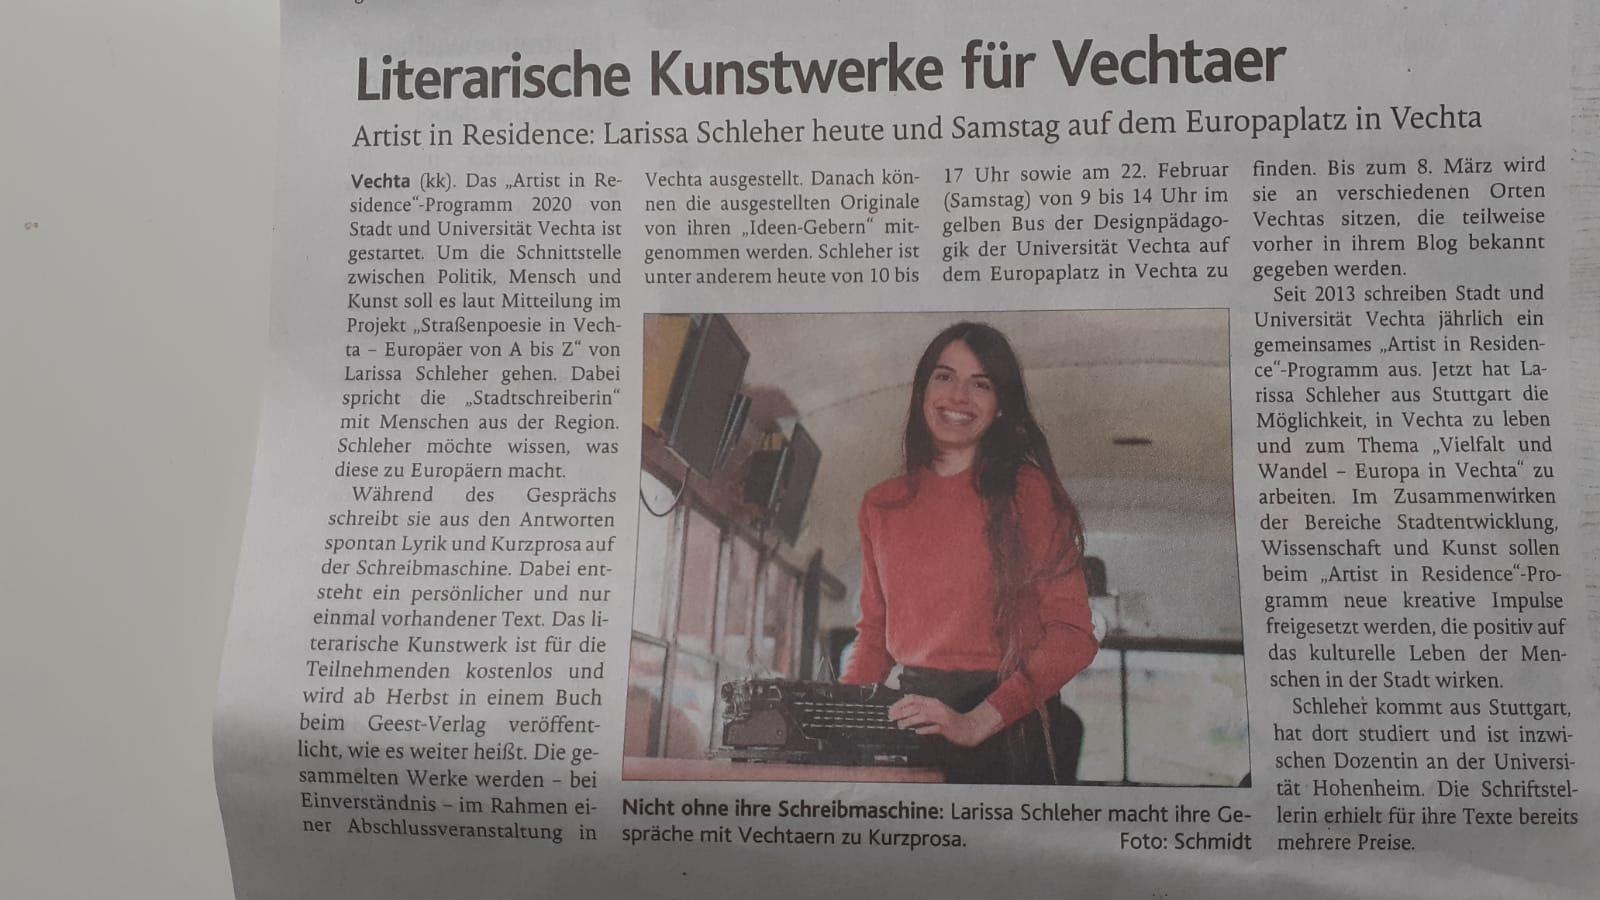 Literarische Kunstwerke für Vechtaer